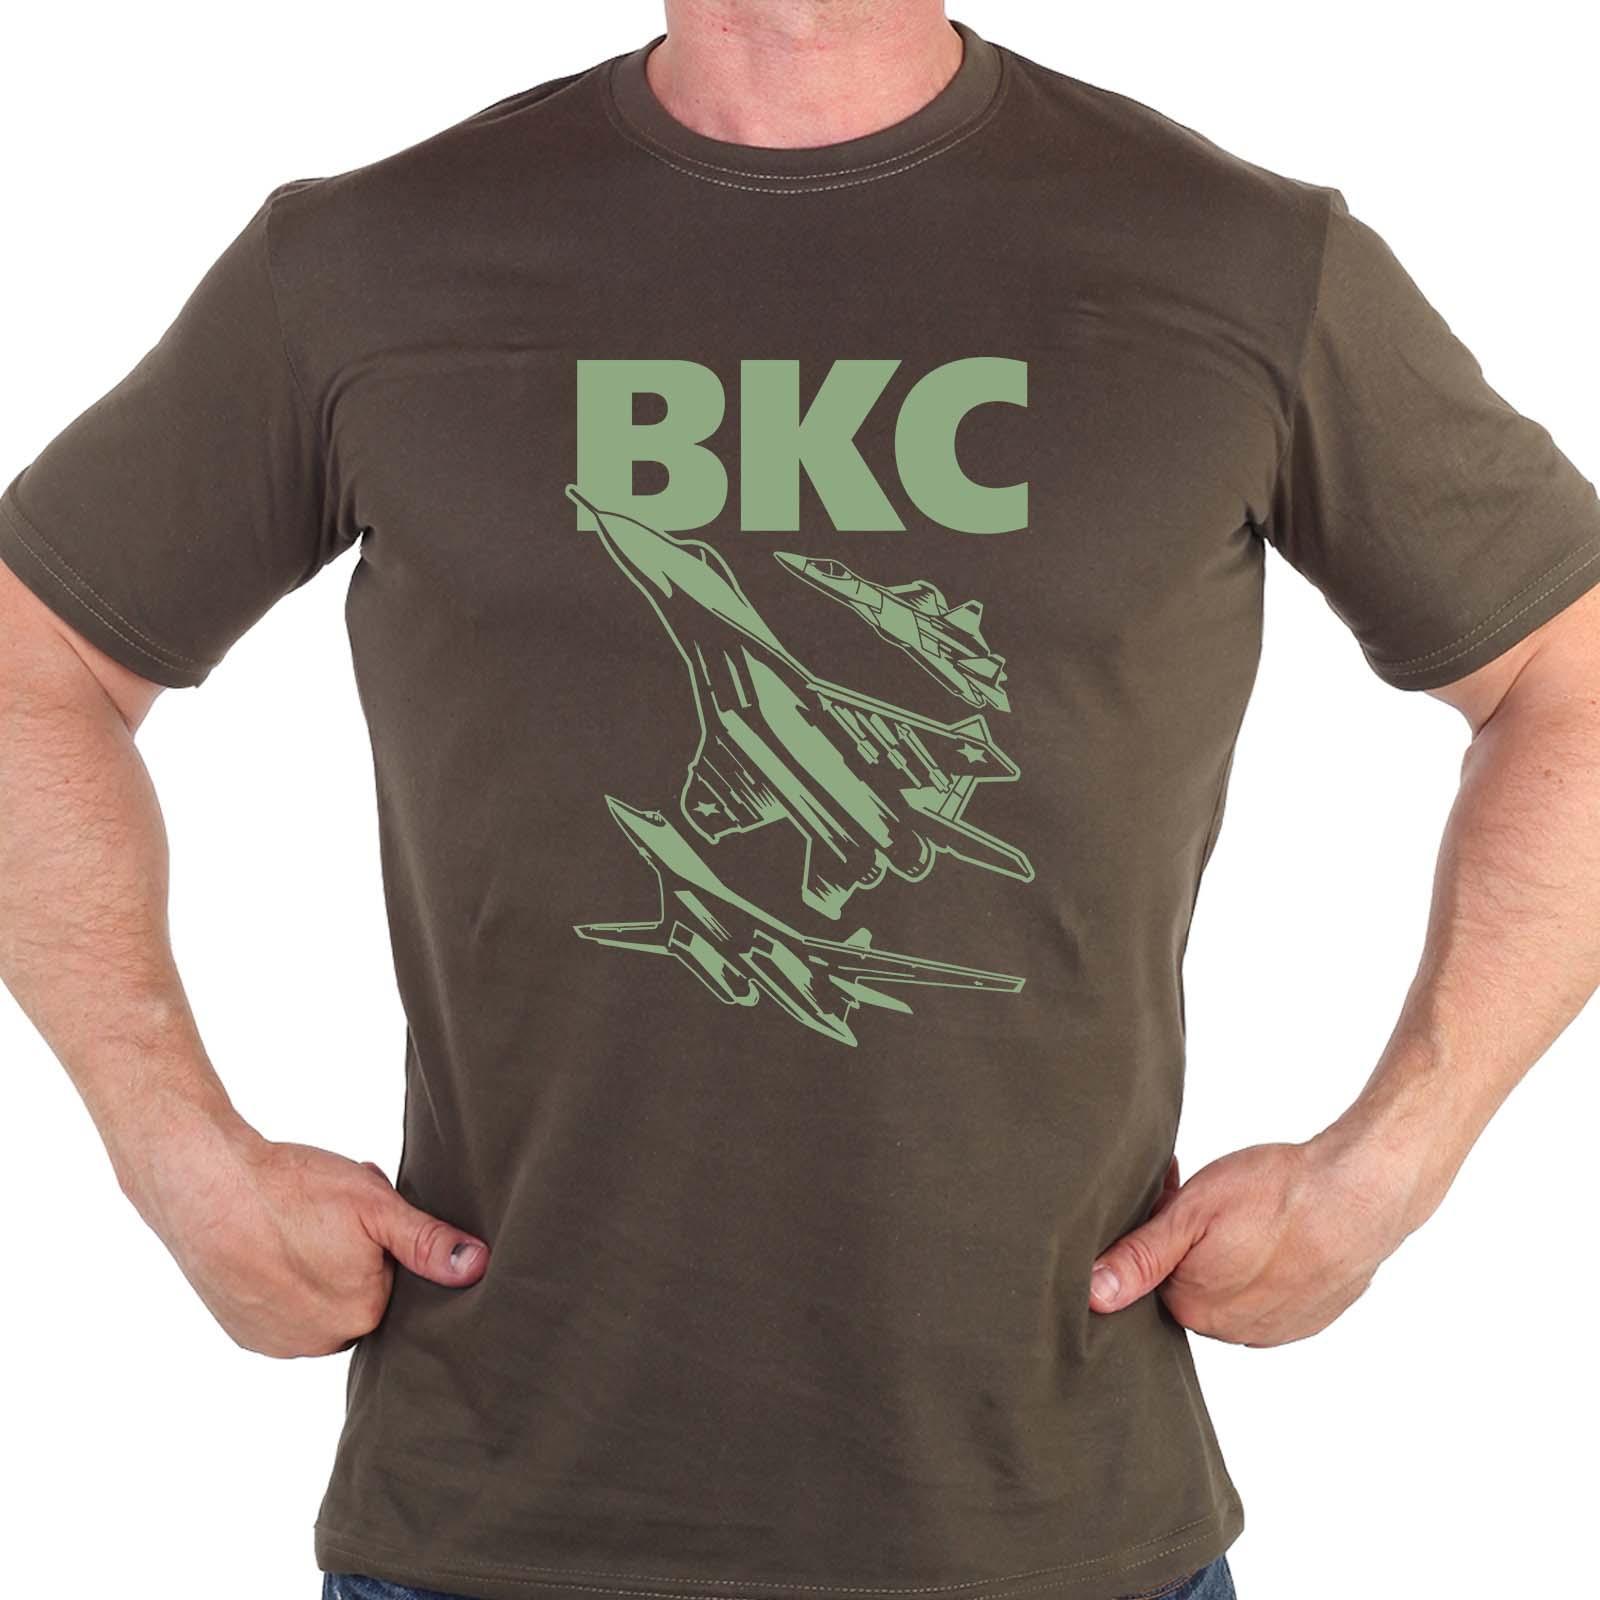 Мужская армейская футболка с принтом ВКС